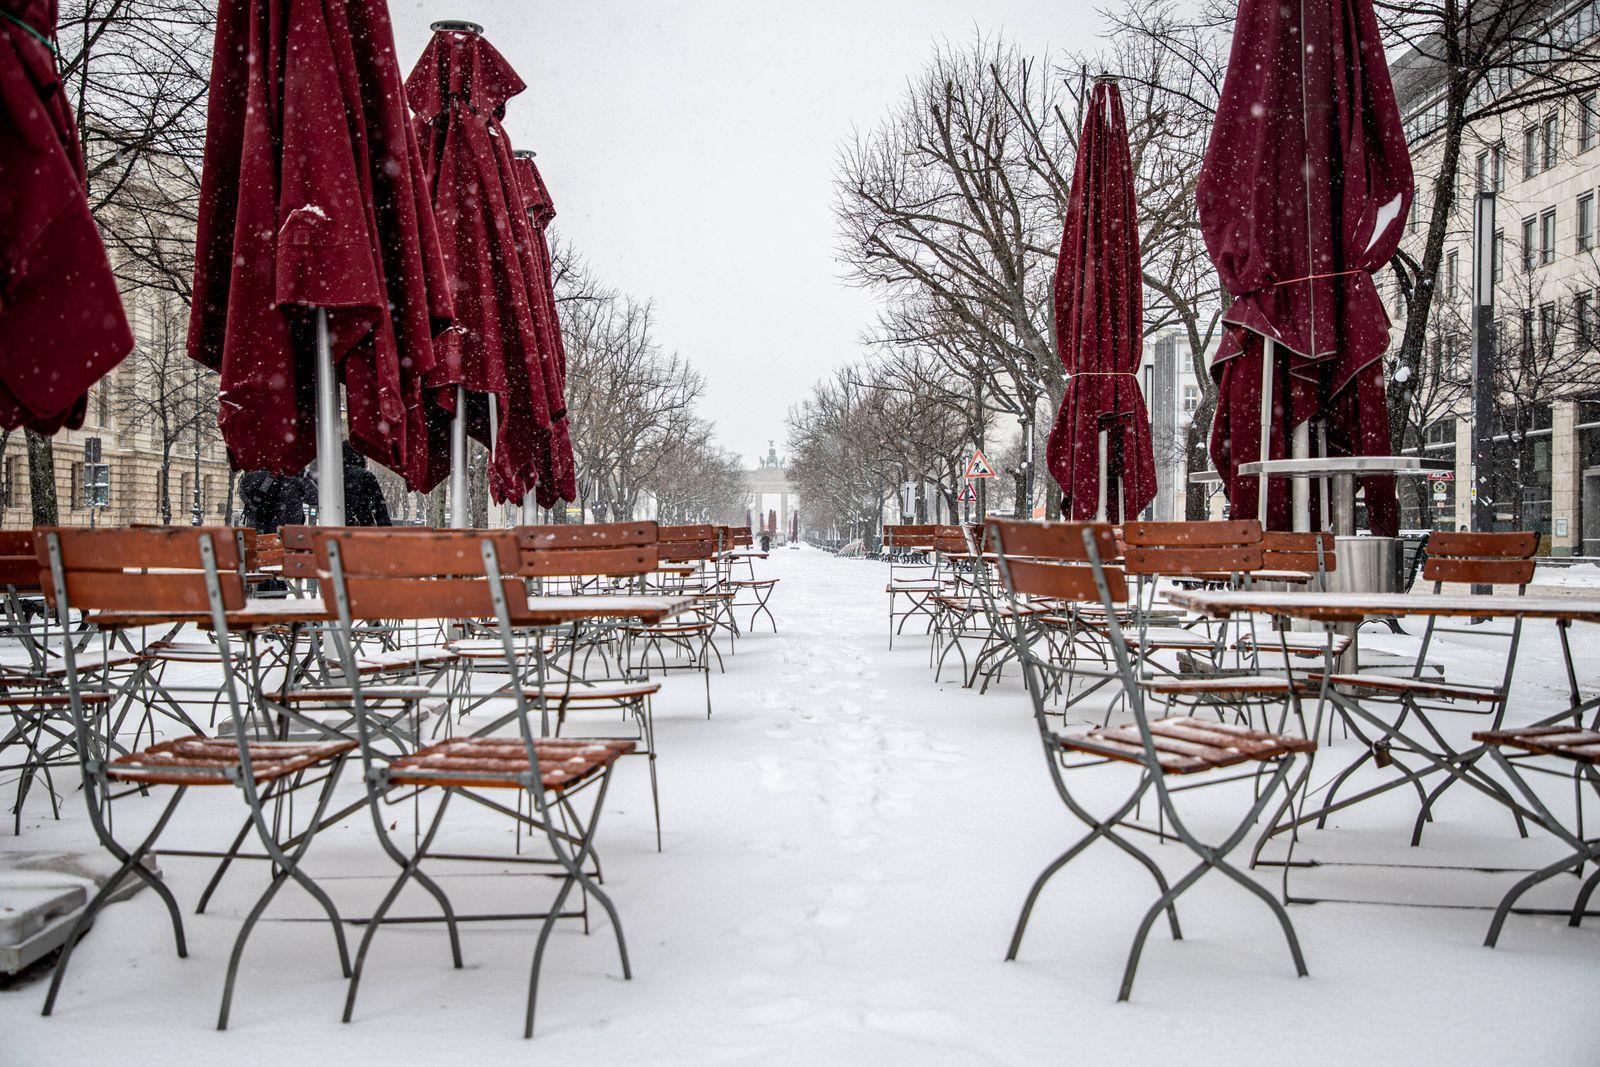 Schnee in Berlin Berlin, 08.02.2021: verlassene Stuehle eines Imbiss vor Brandenburger Tor am Pariser Platz. Wintereinbr